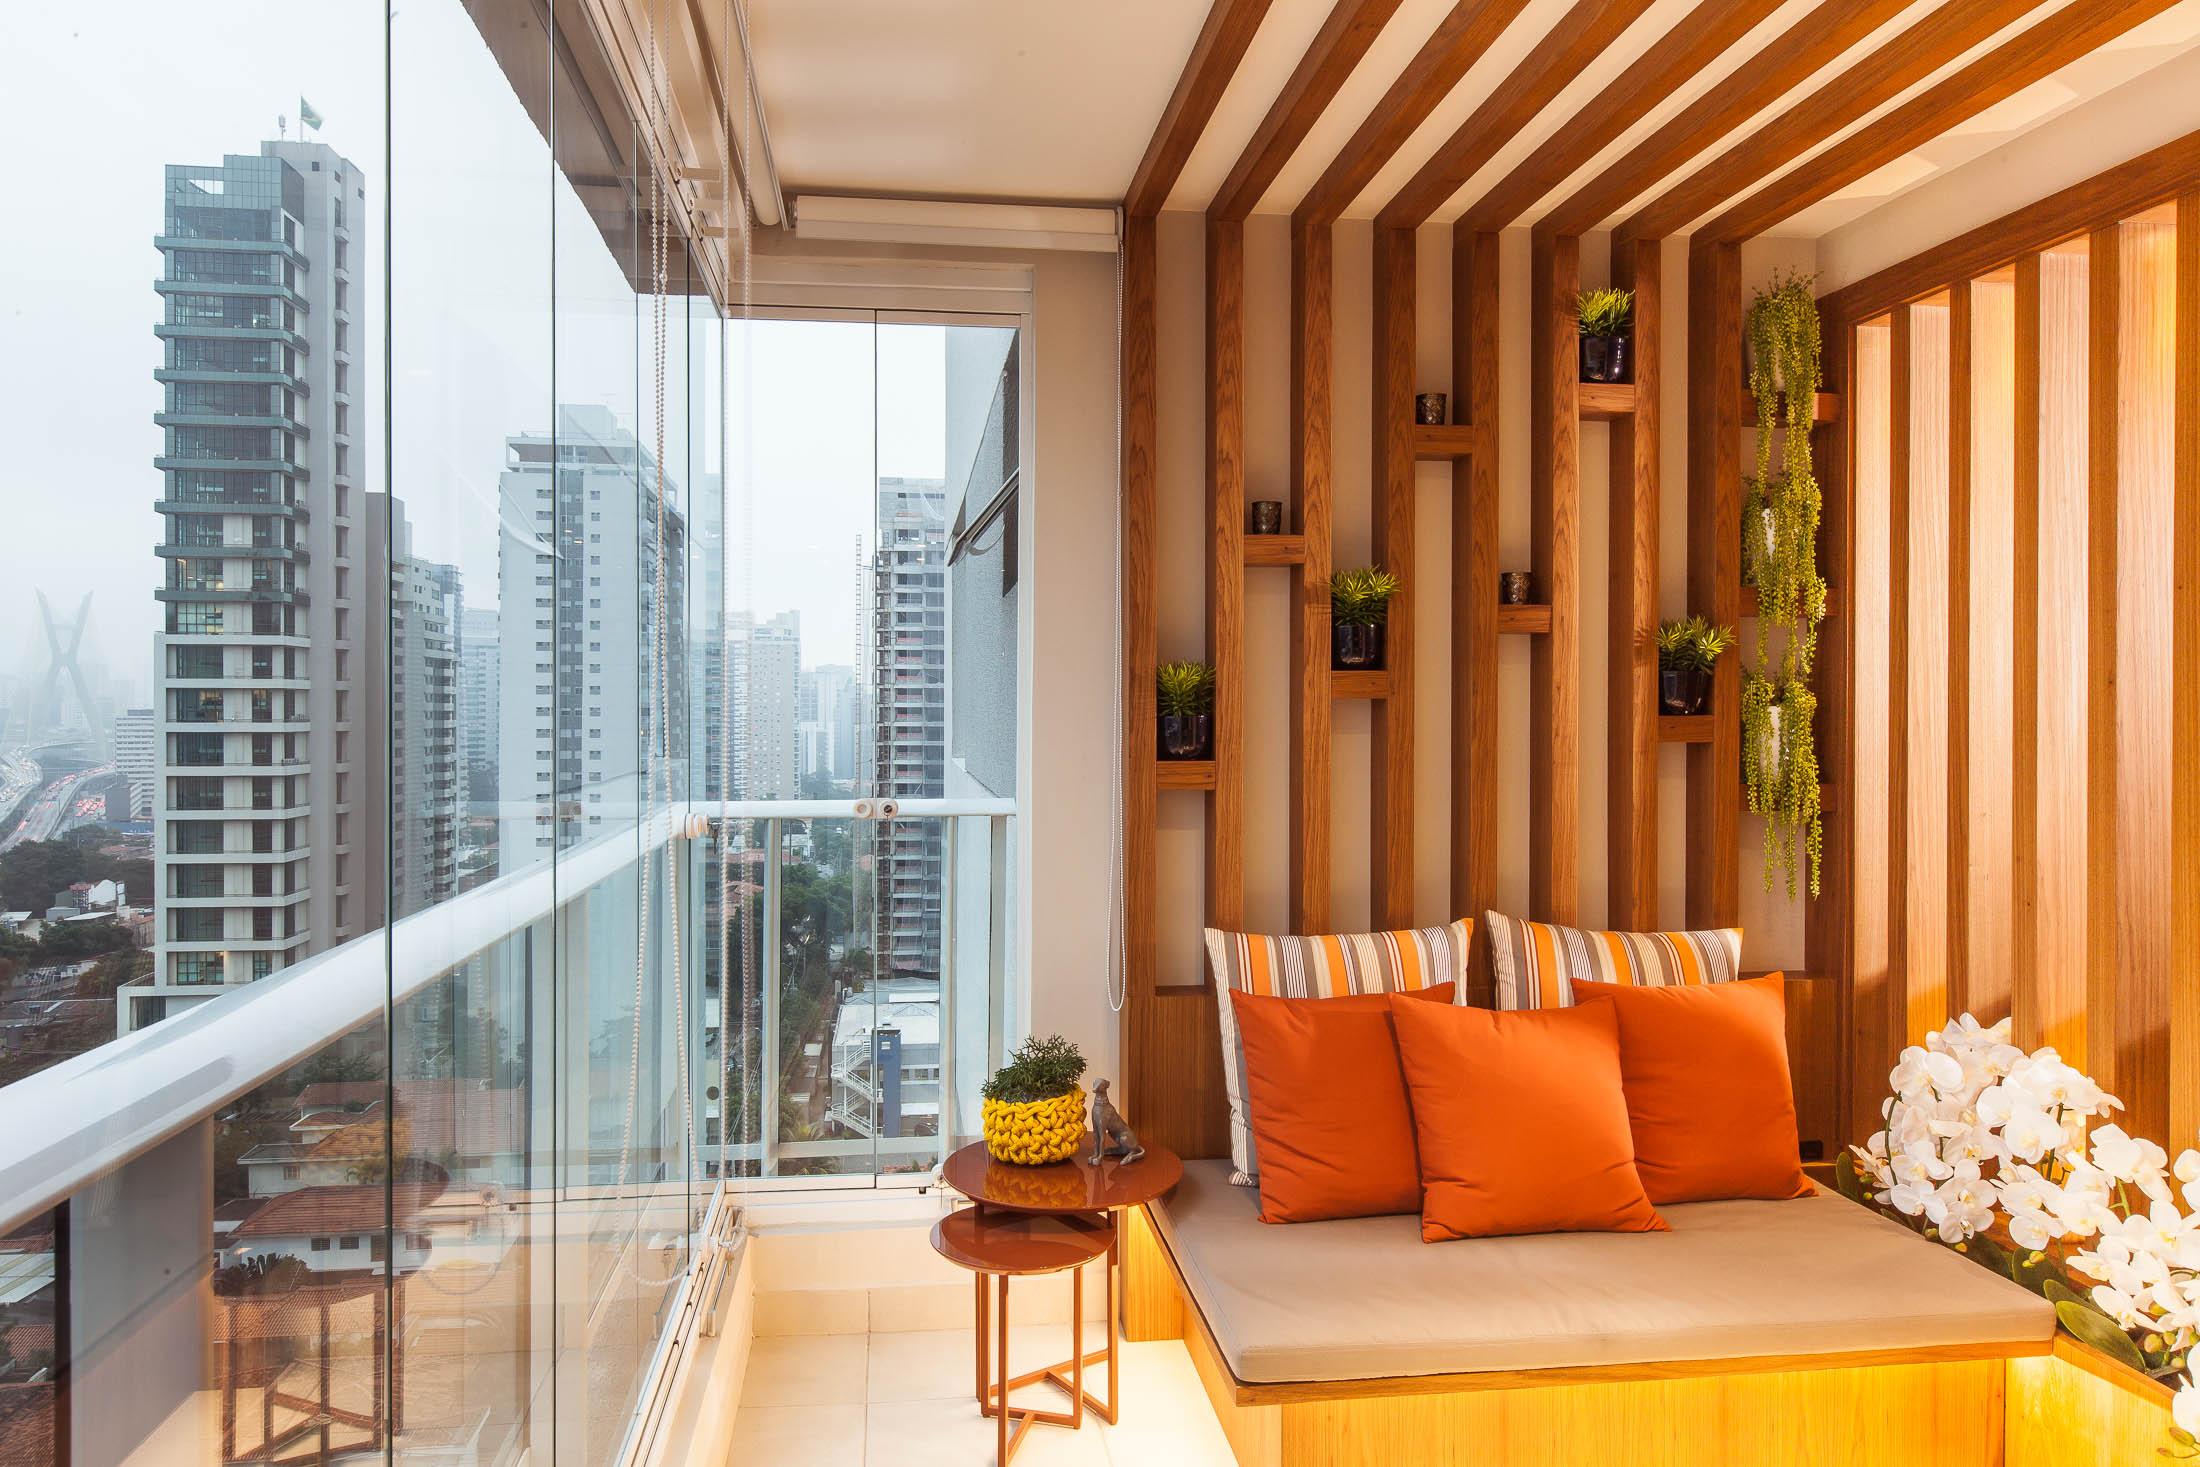 decoração apartamento com sala e varanda integradas (11)